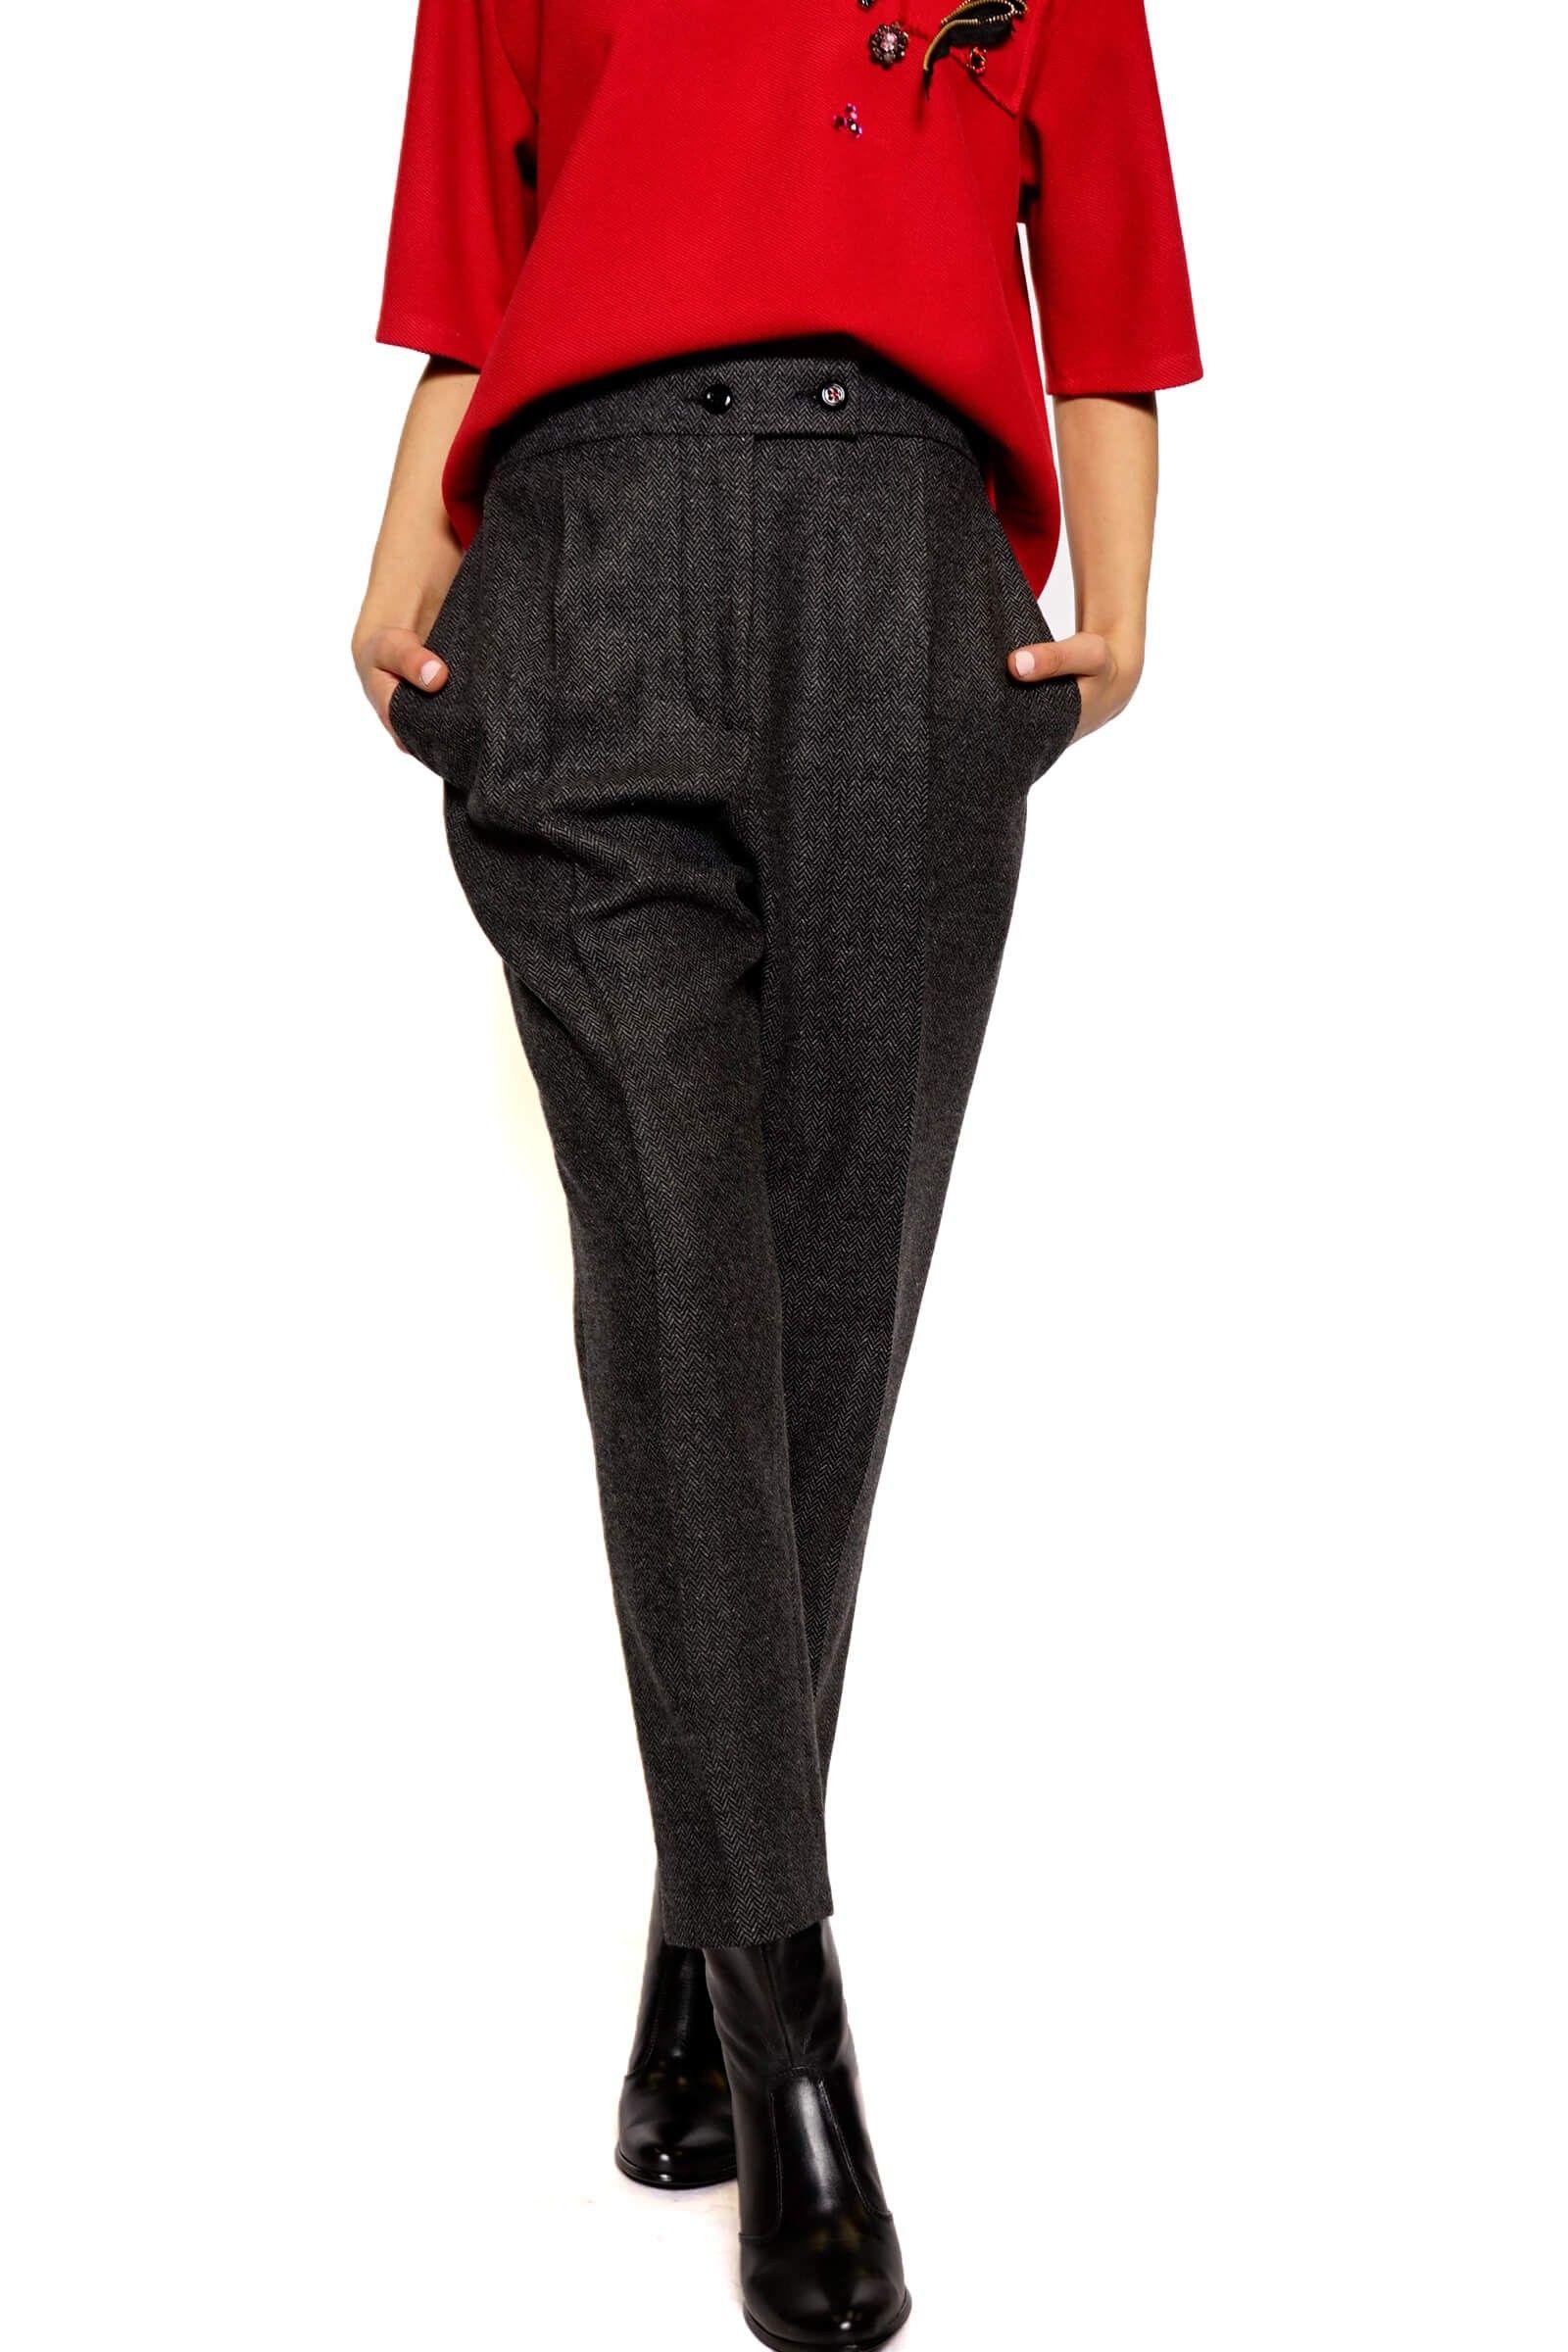 Fir fabric pants